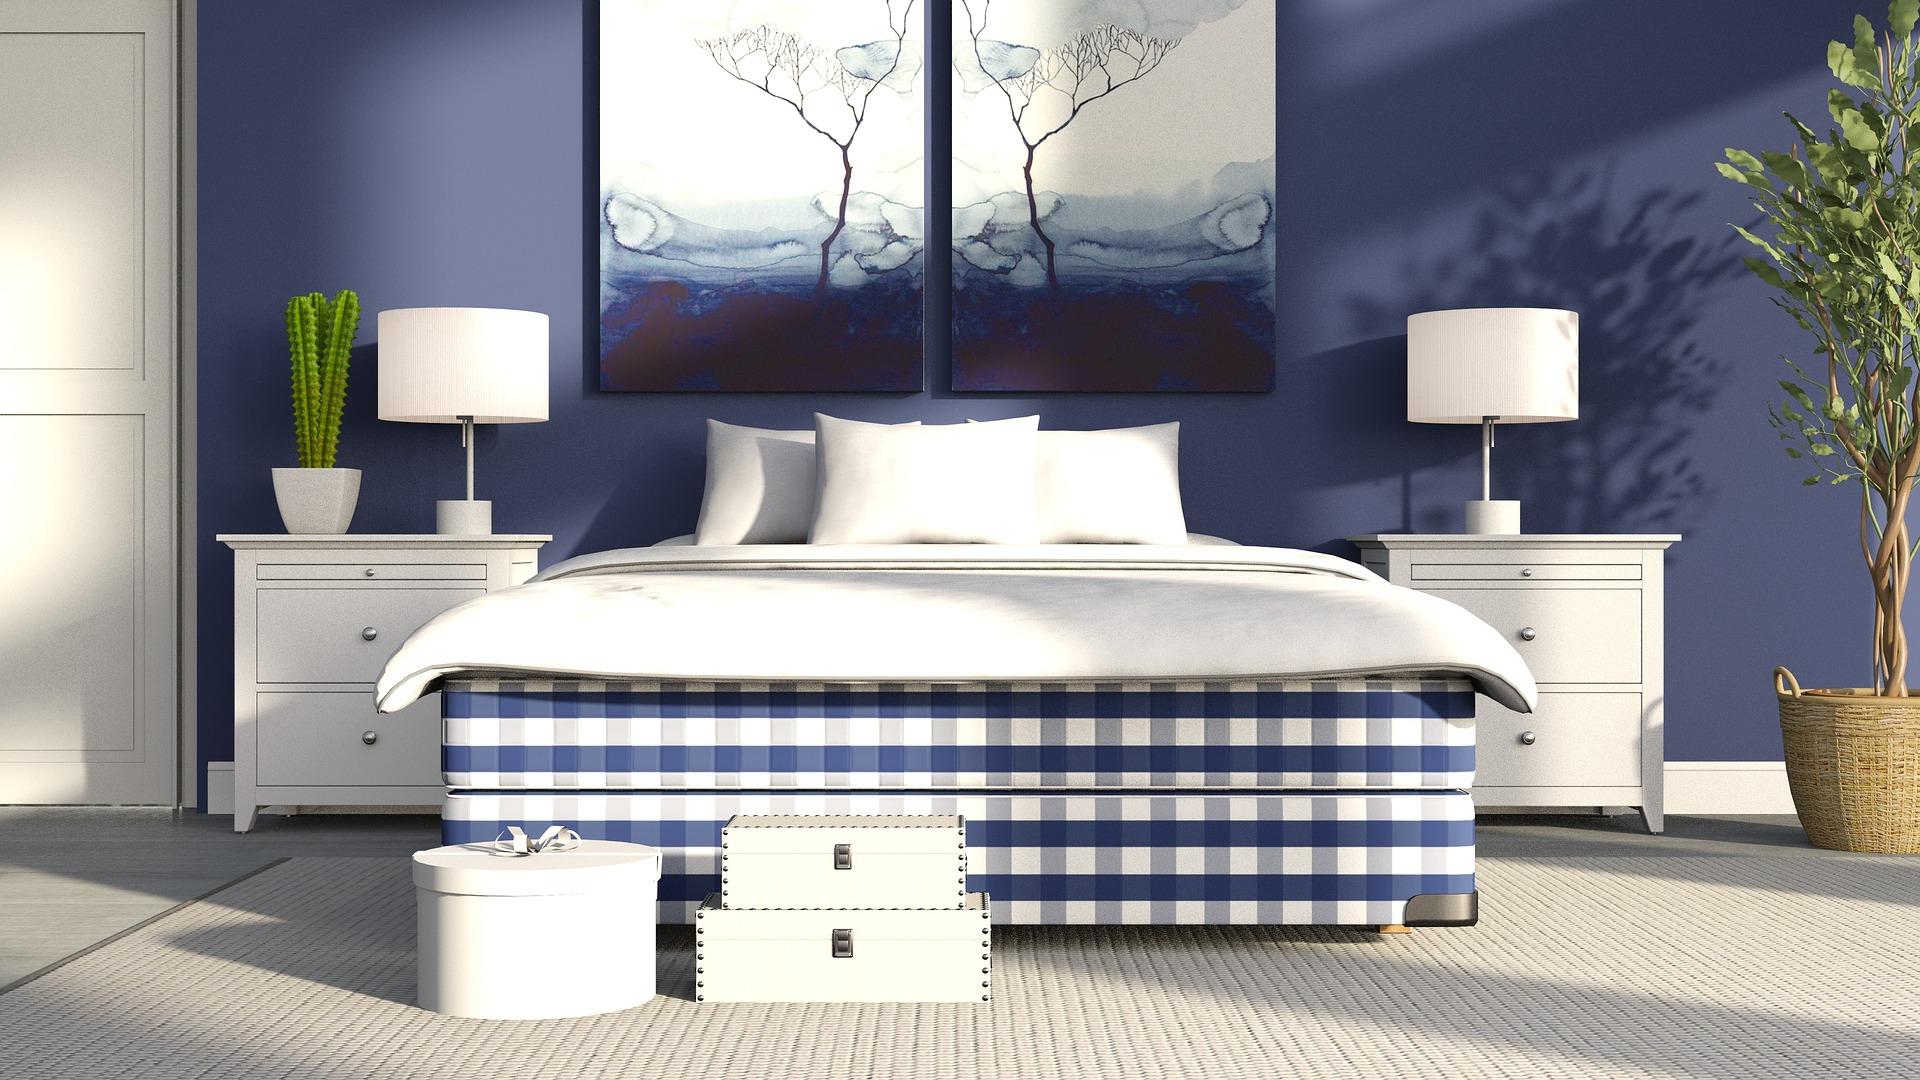 Habitacion en azul con decoracion blanca